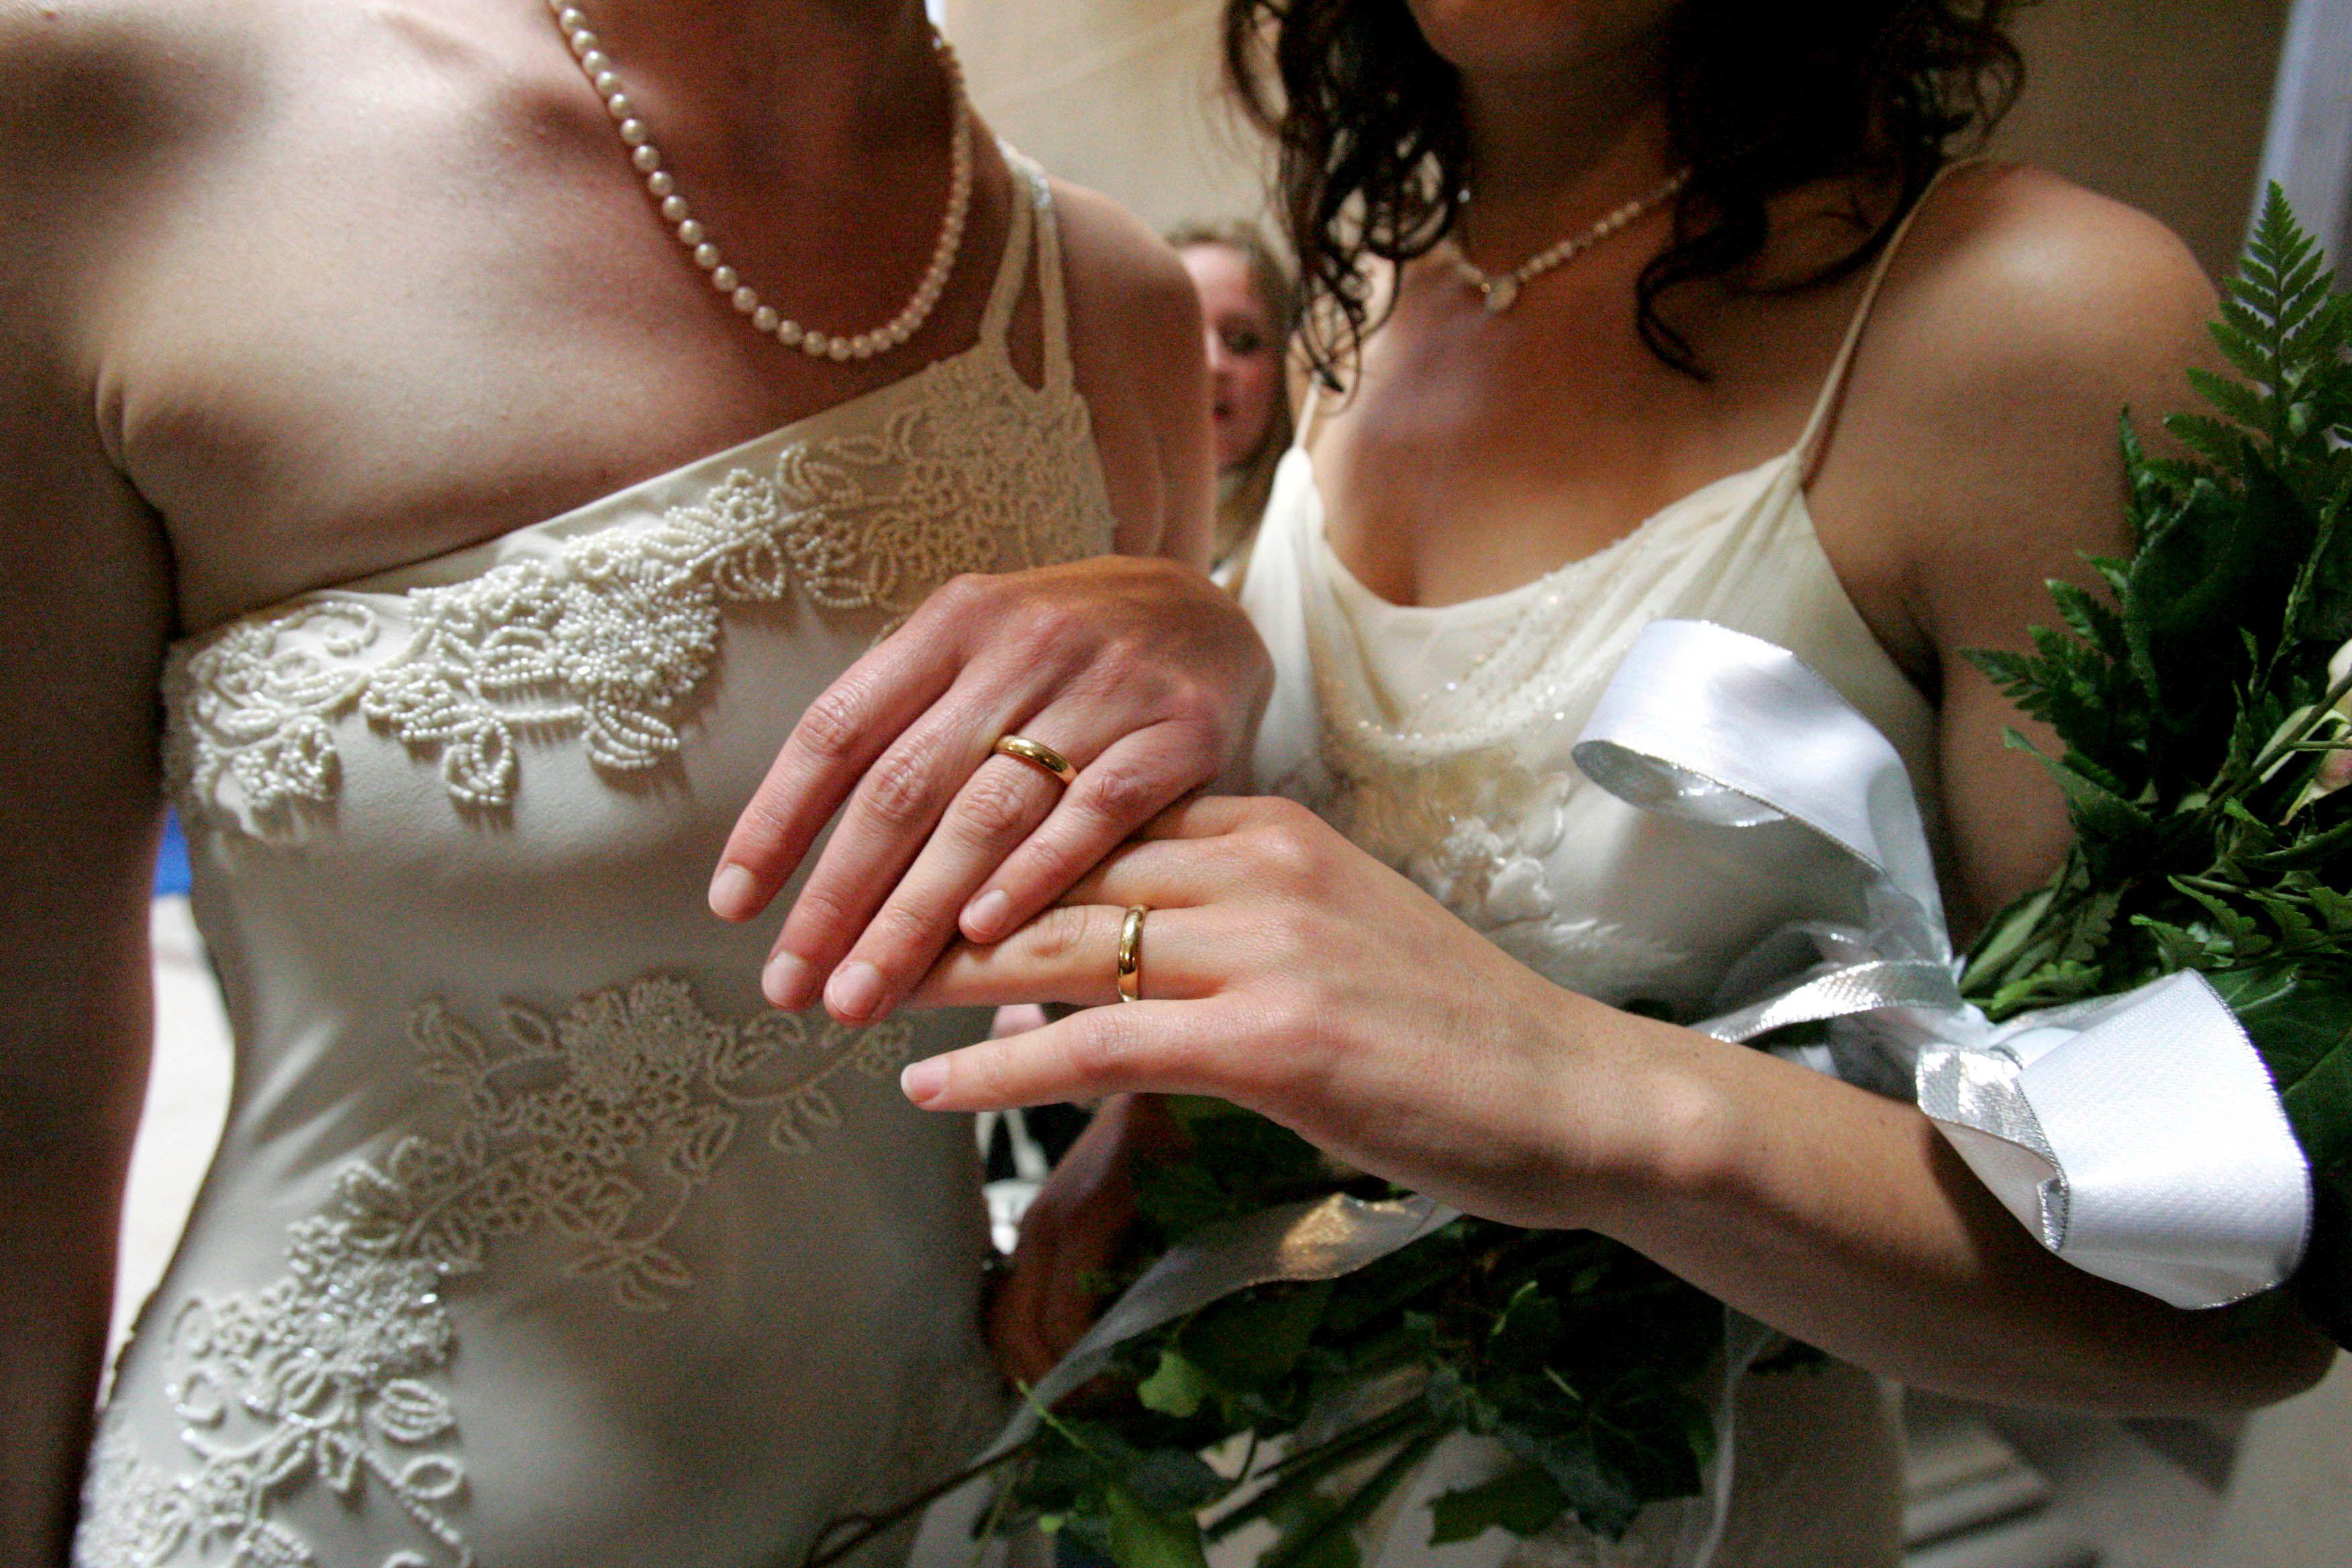 A Fontgombault, sept conseillers sur dix ont voté la délibération qui s'oppose aux mariages homosexuels.